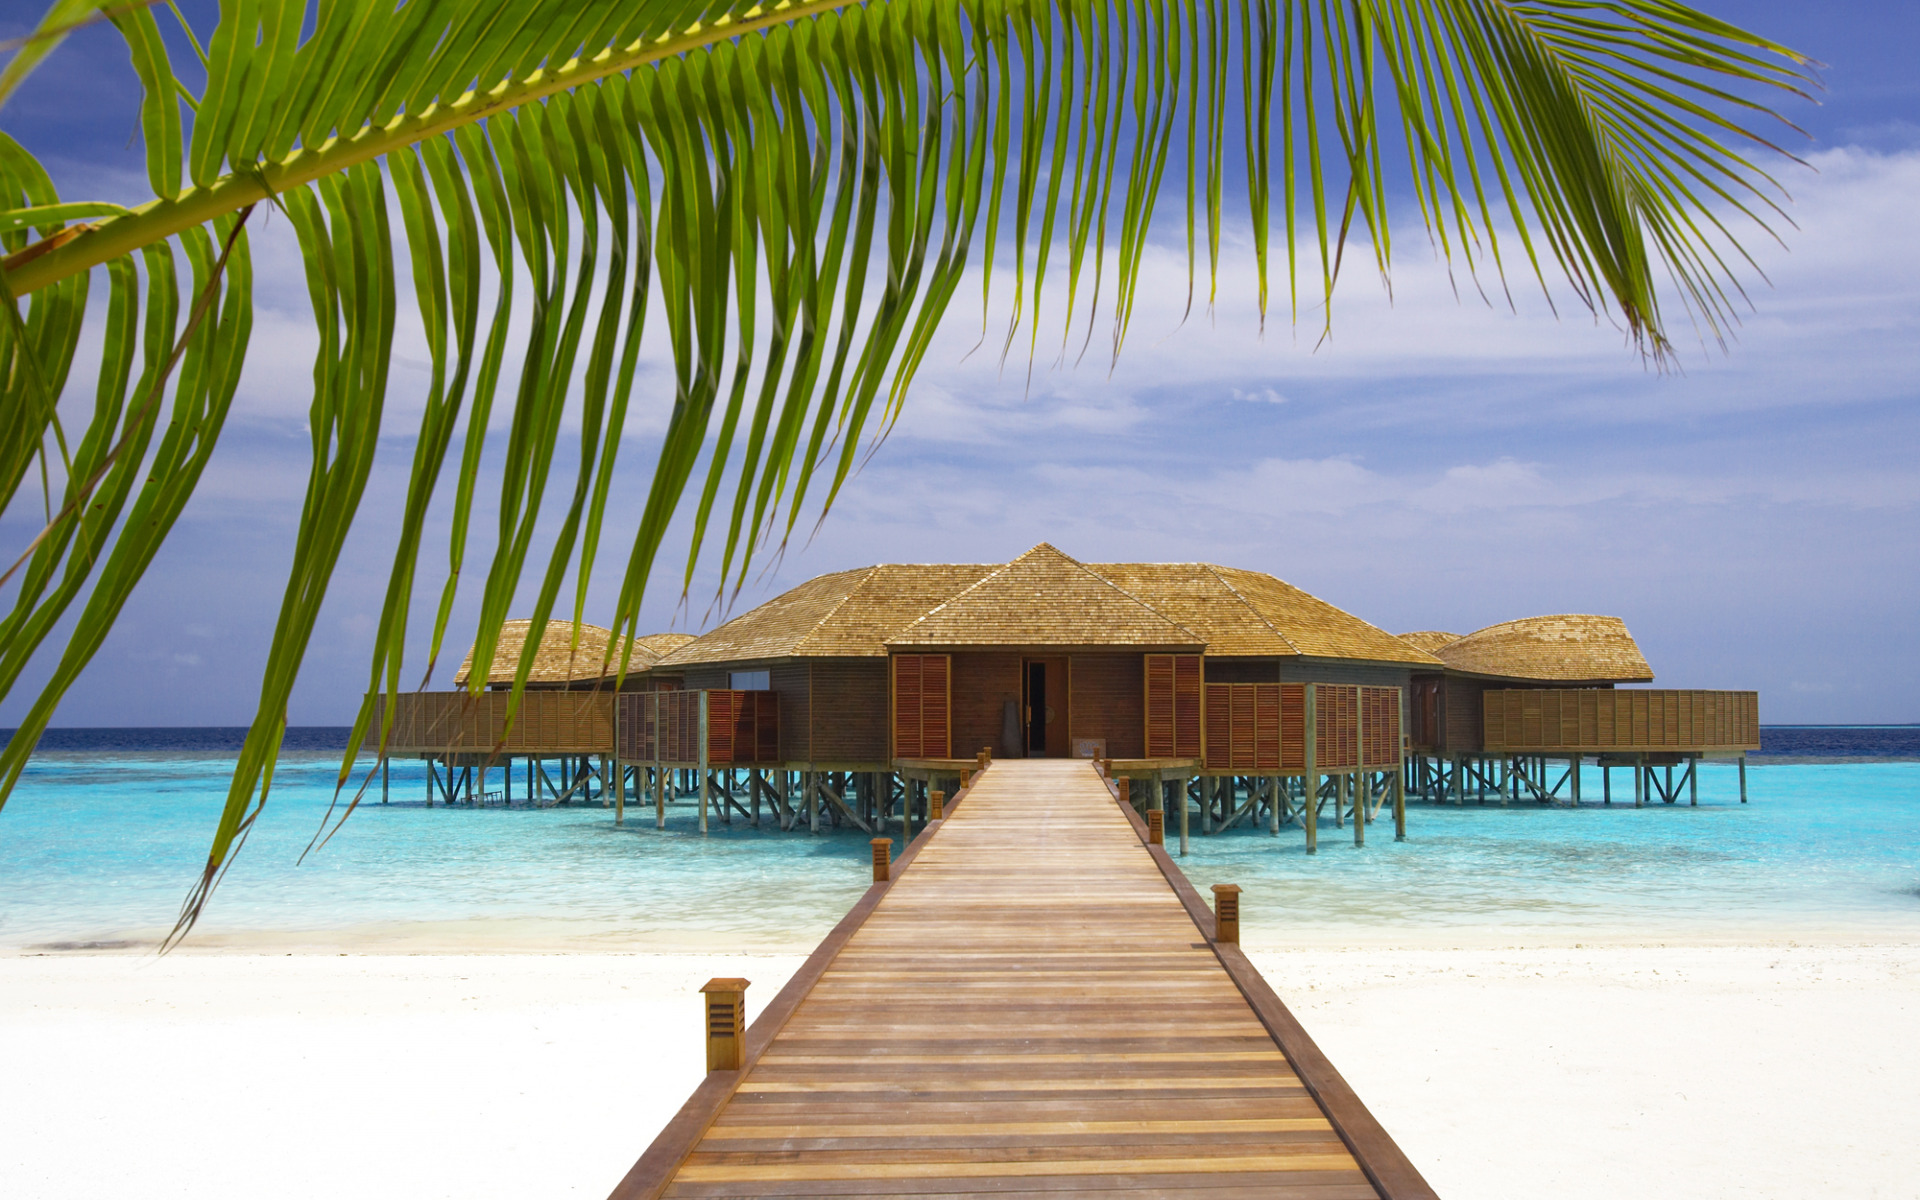 обои на рабочий стол пляж море пальмы бунгало модель отличается высоким